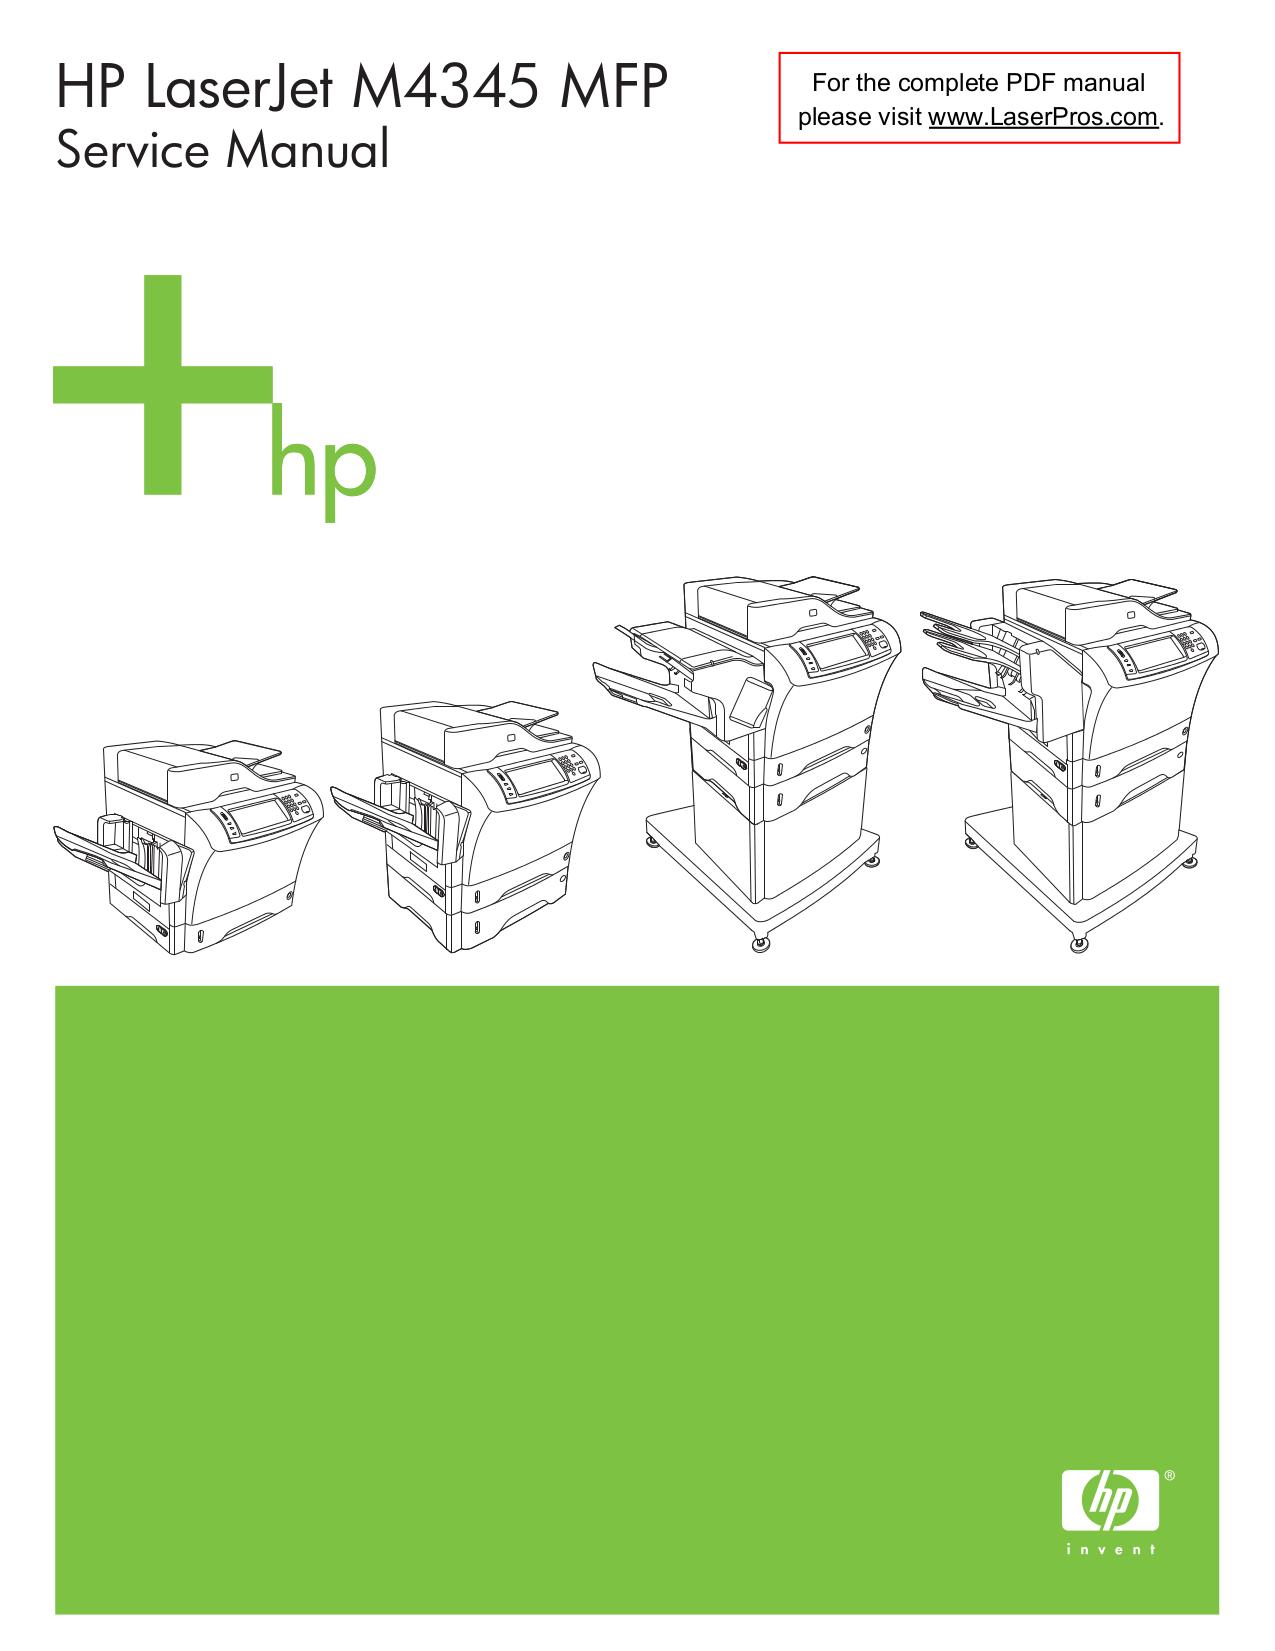 download free pdf for hp laserjet color laserjet m4345 multifunction rh umlib com hp 4345 mfp service manual download hp 4345 mfp service manual download